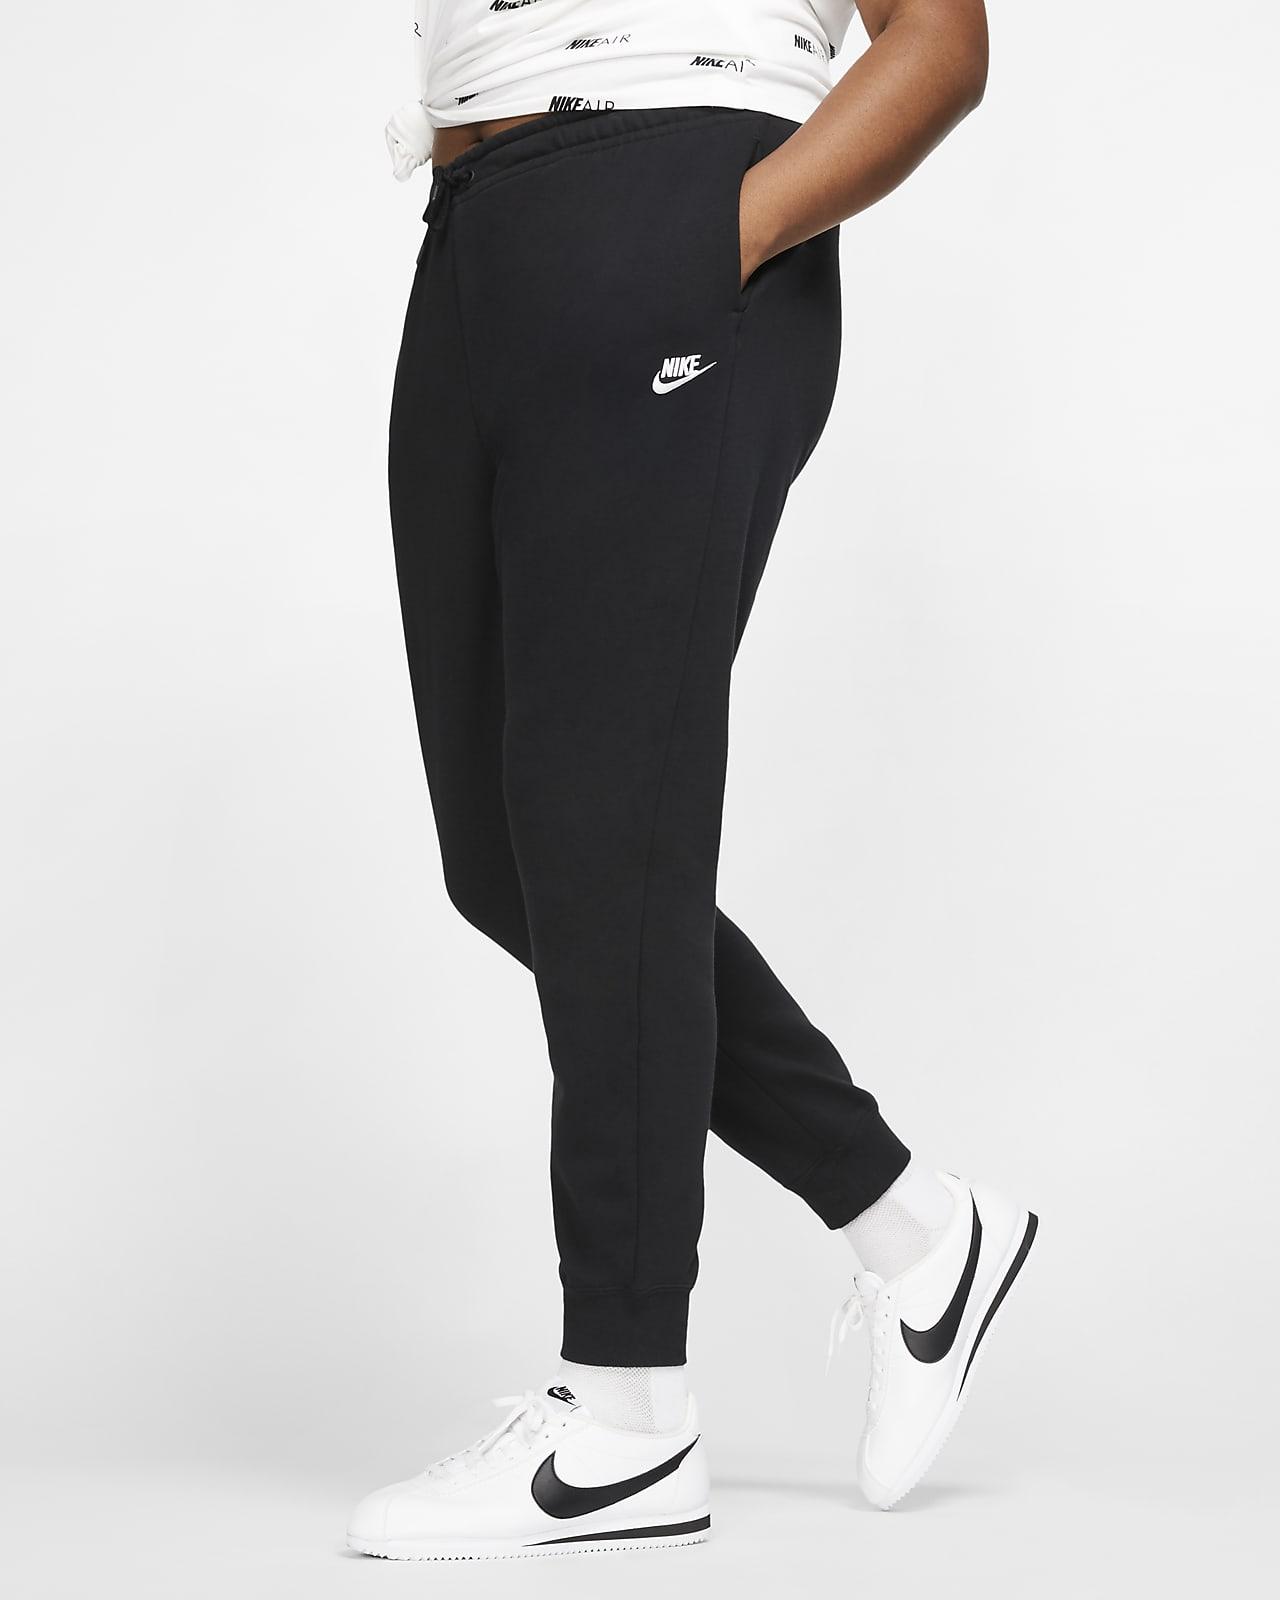 Pantalon en Fleece Nike Sportswear Essential pour Femme (grande taille)